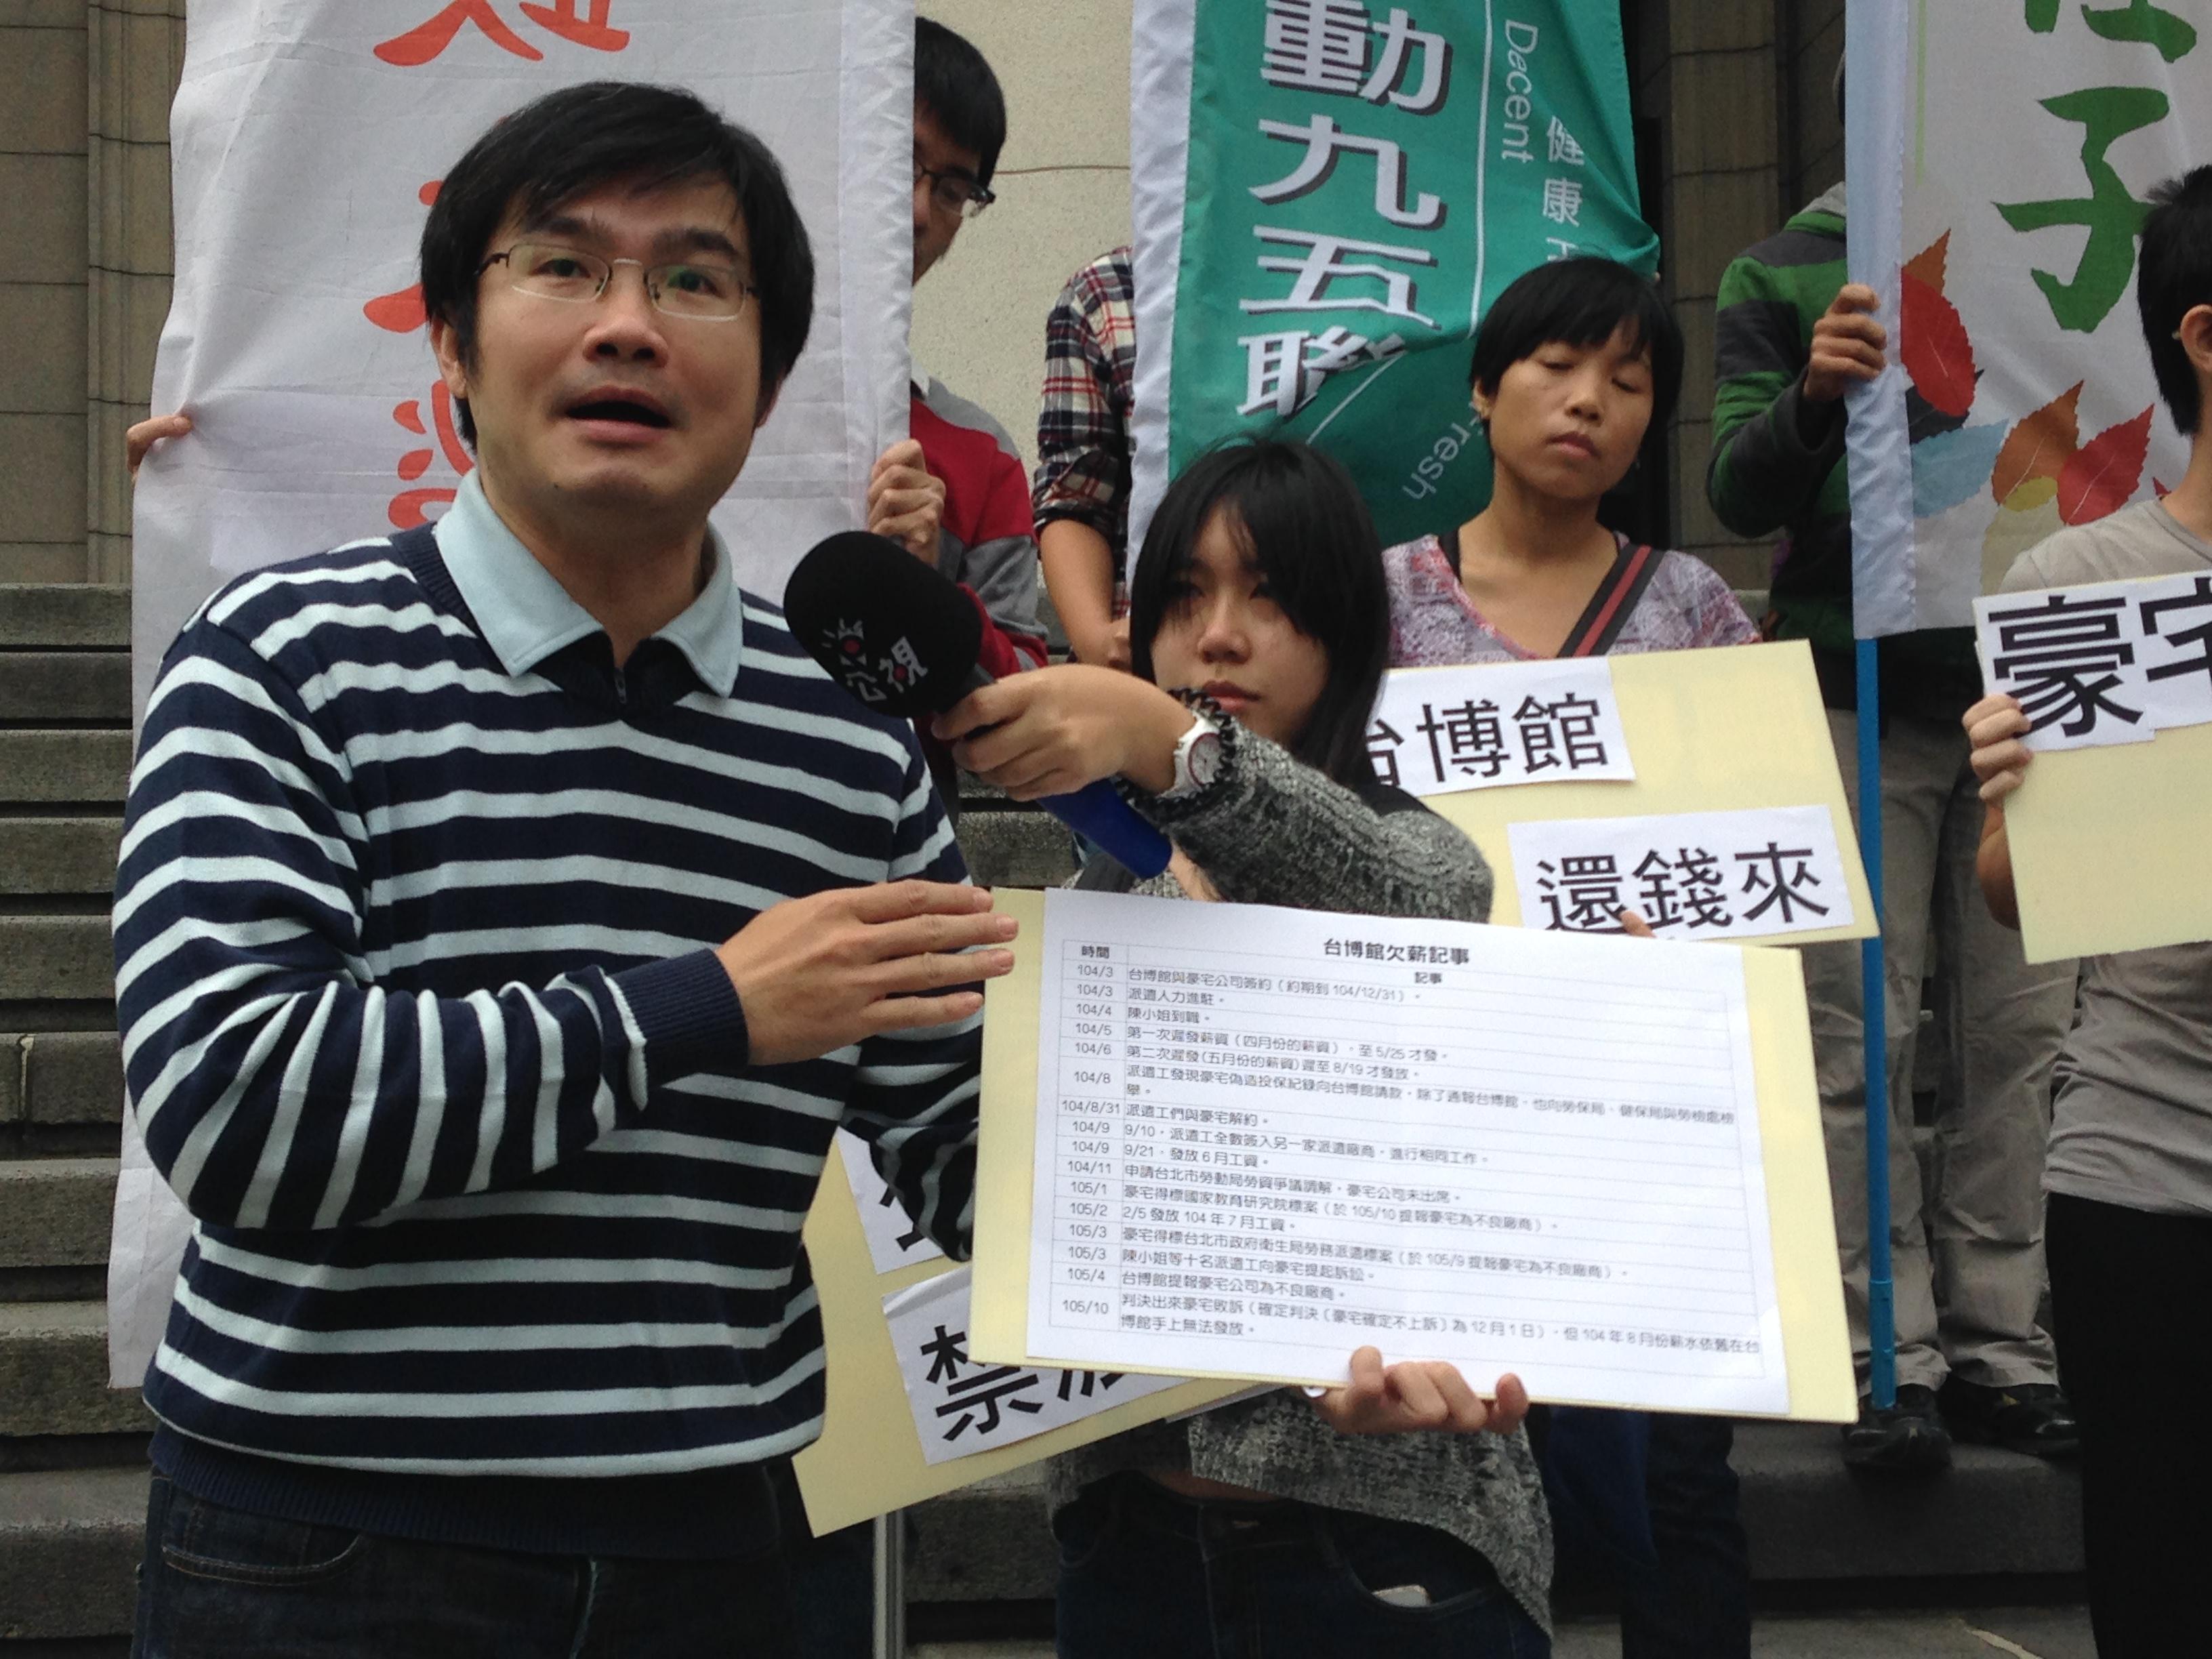 工人先鋒協會理事林奕志表示,台博館應負起雇主責任,先給予派遣工積欠未發薪資。(攝影:張宗坤)